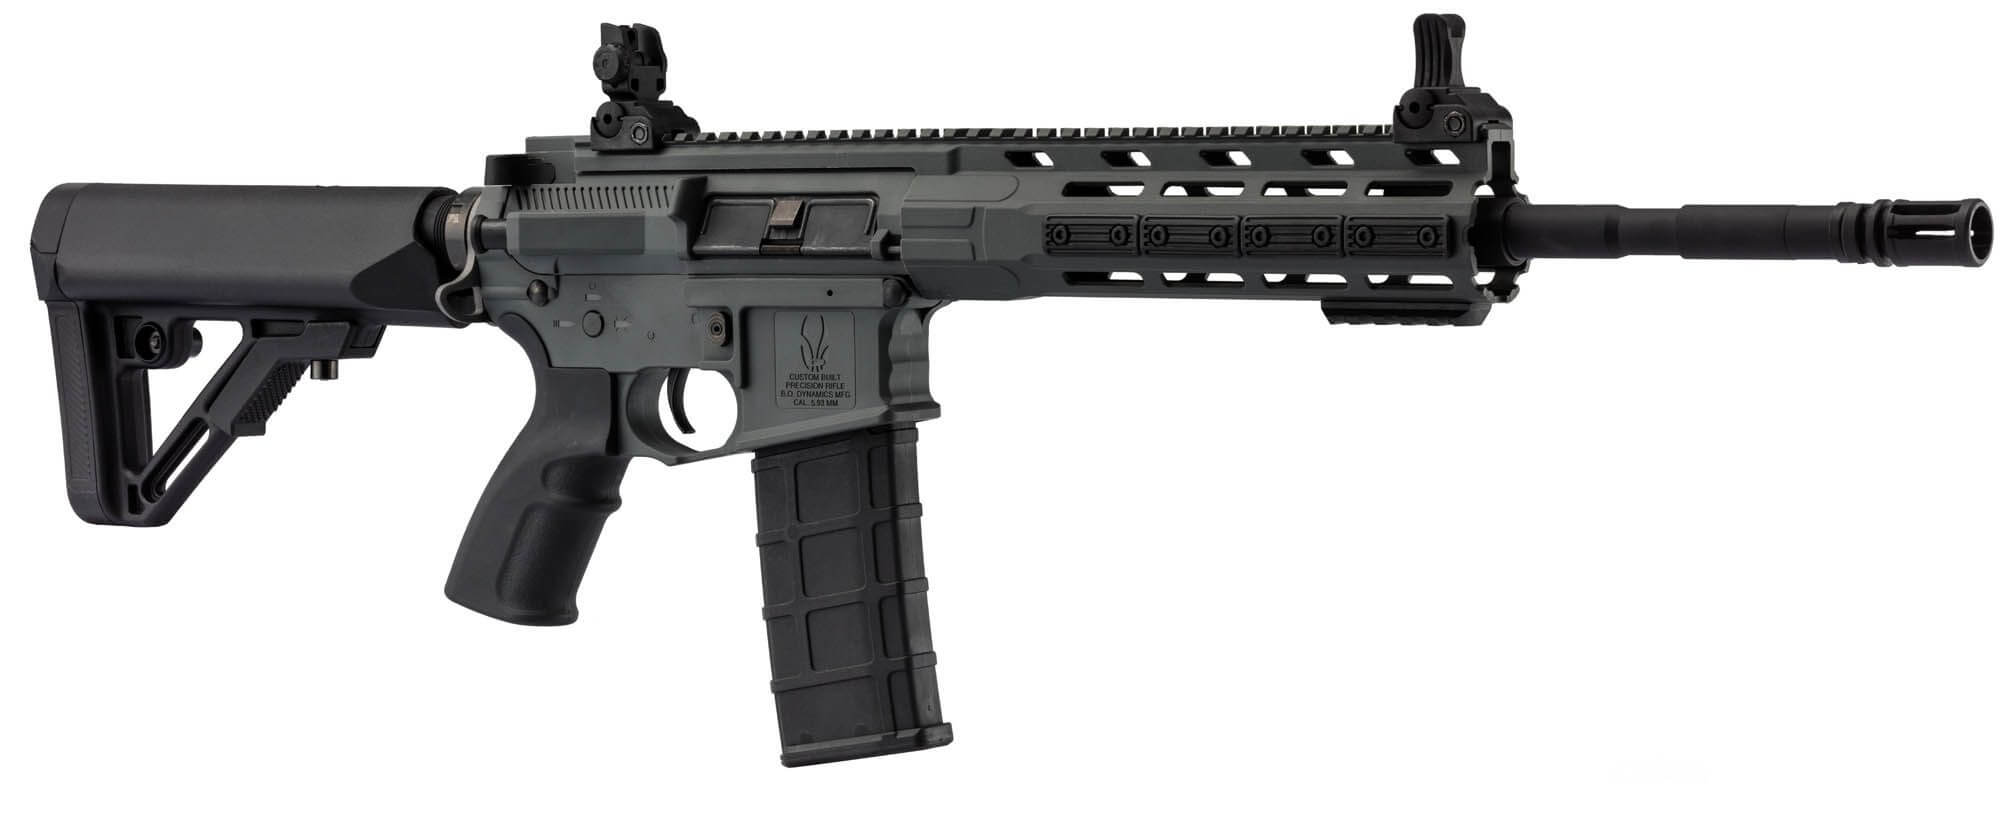 Billede af BO Manufacture, BO LK595 Carbine, Urban Grå